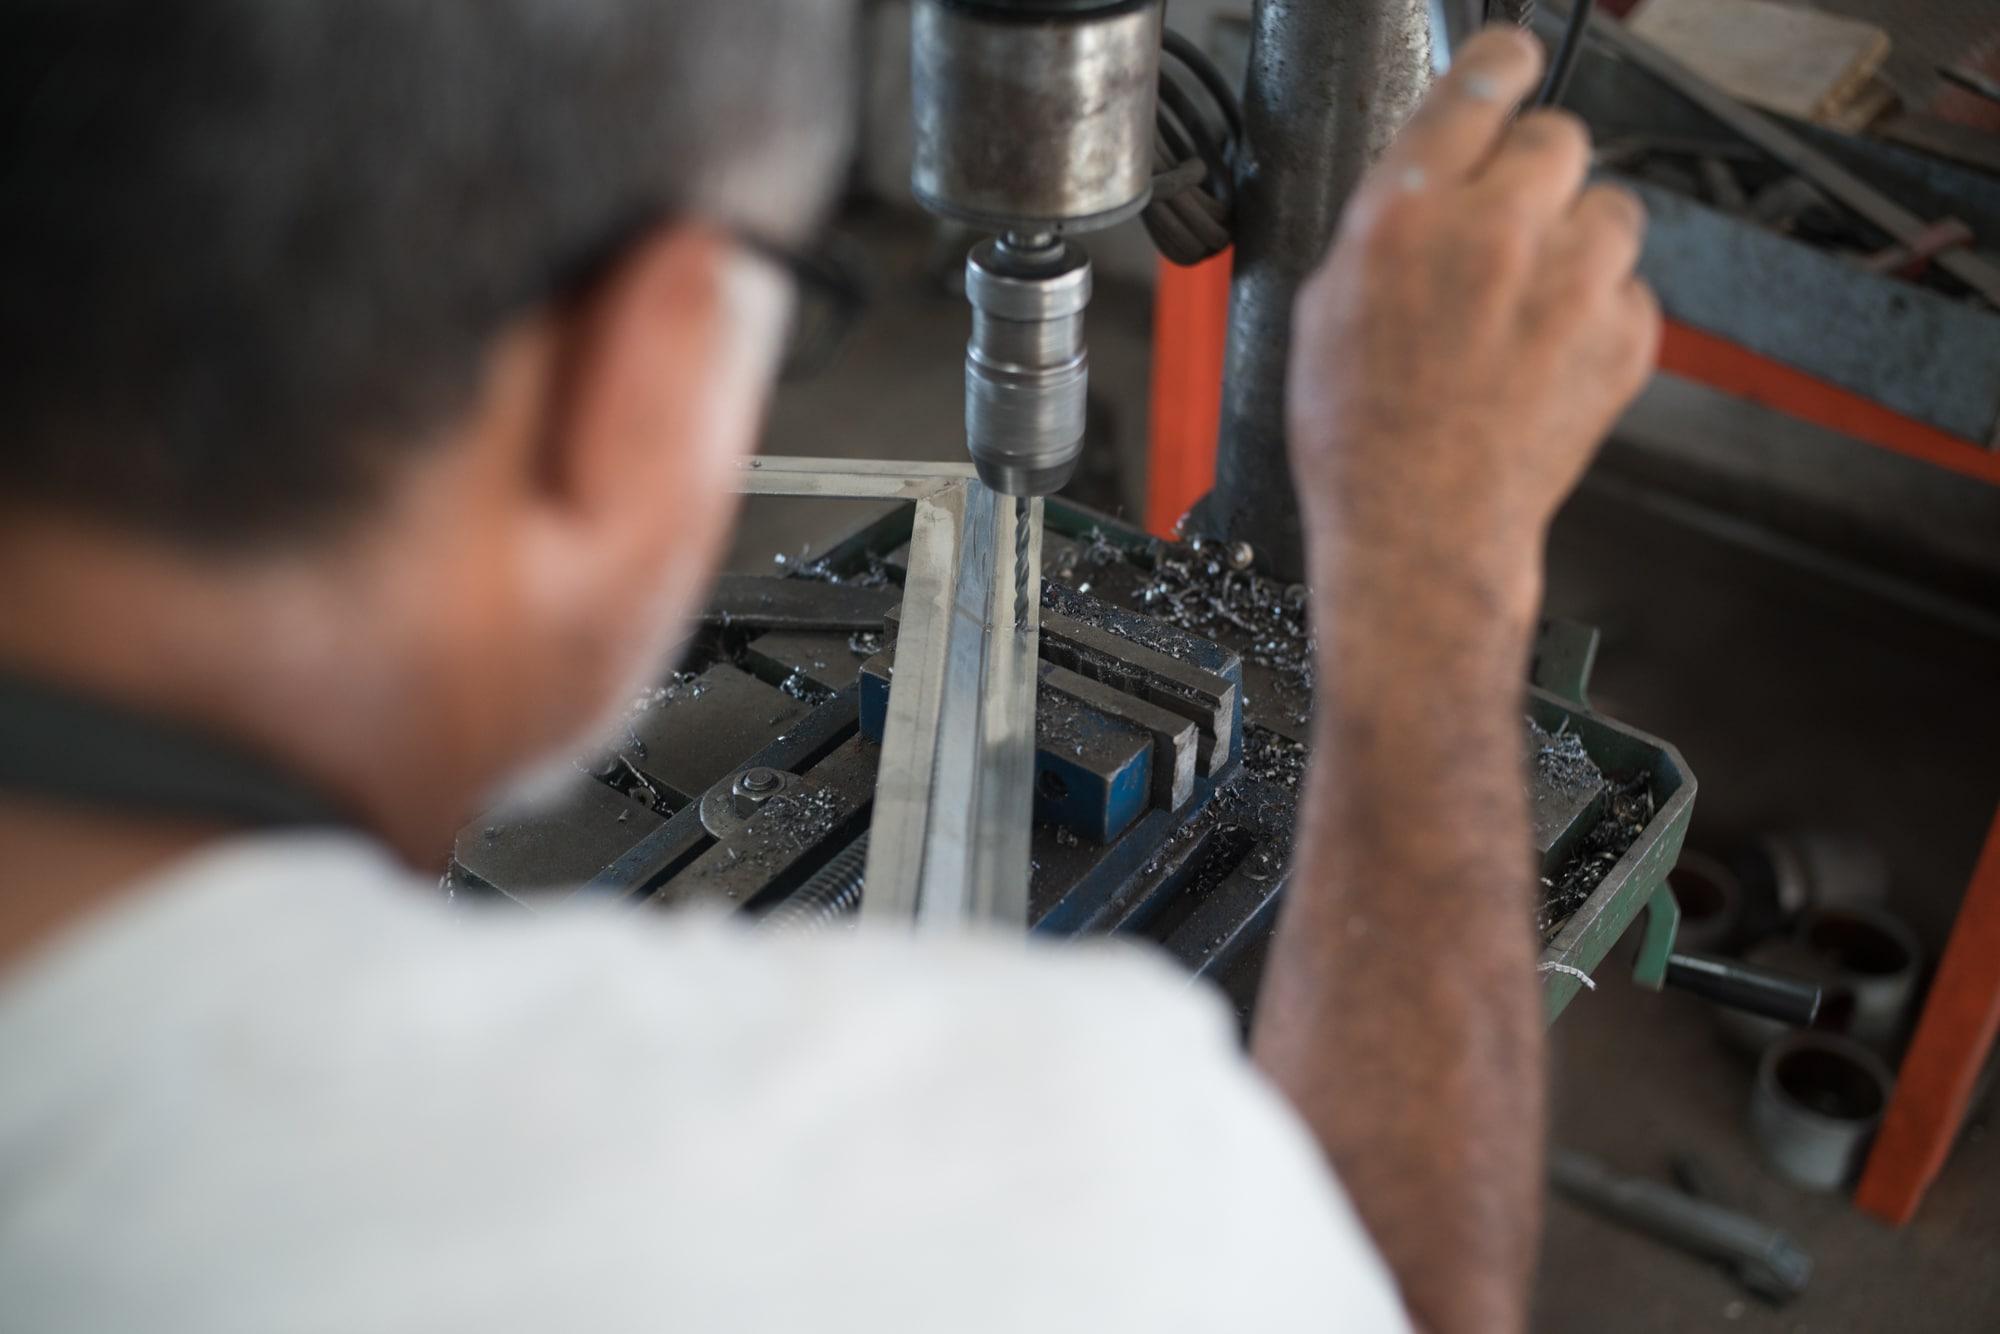 Jean-Claude perce un trou dans un cadre métallique à l'aide d'une perceuse à colonne..